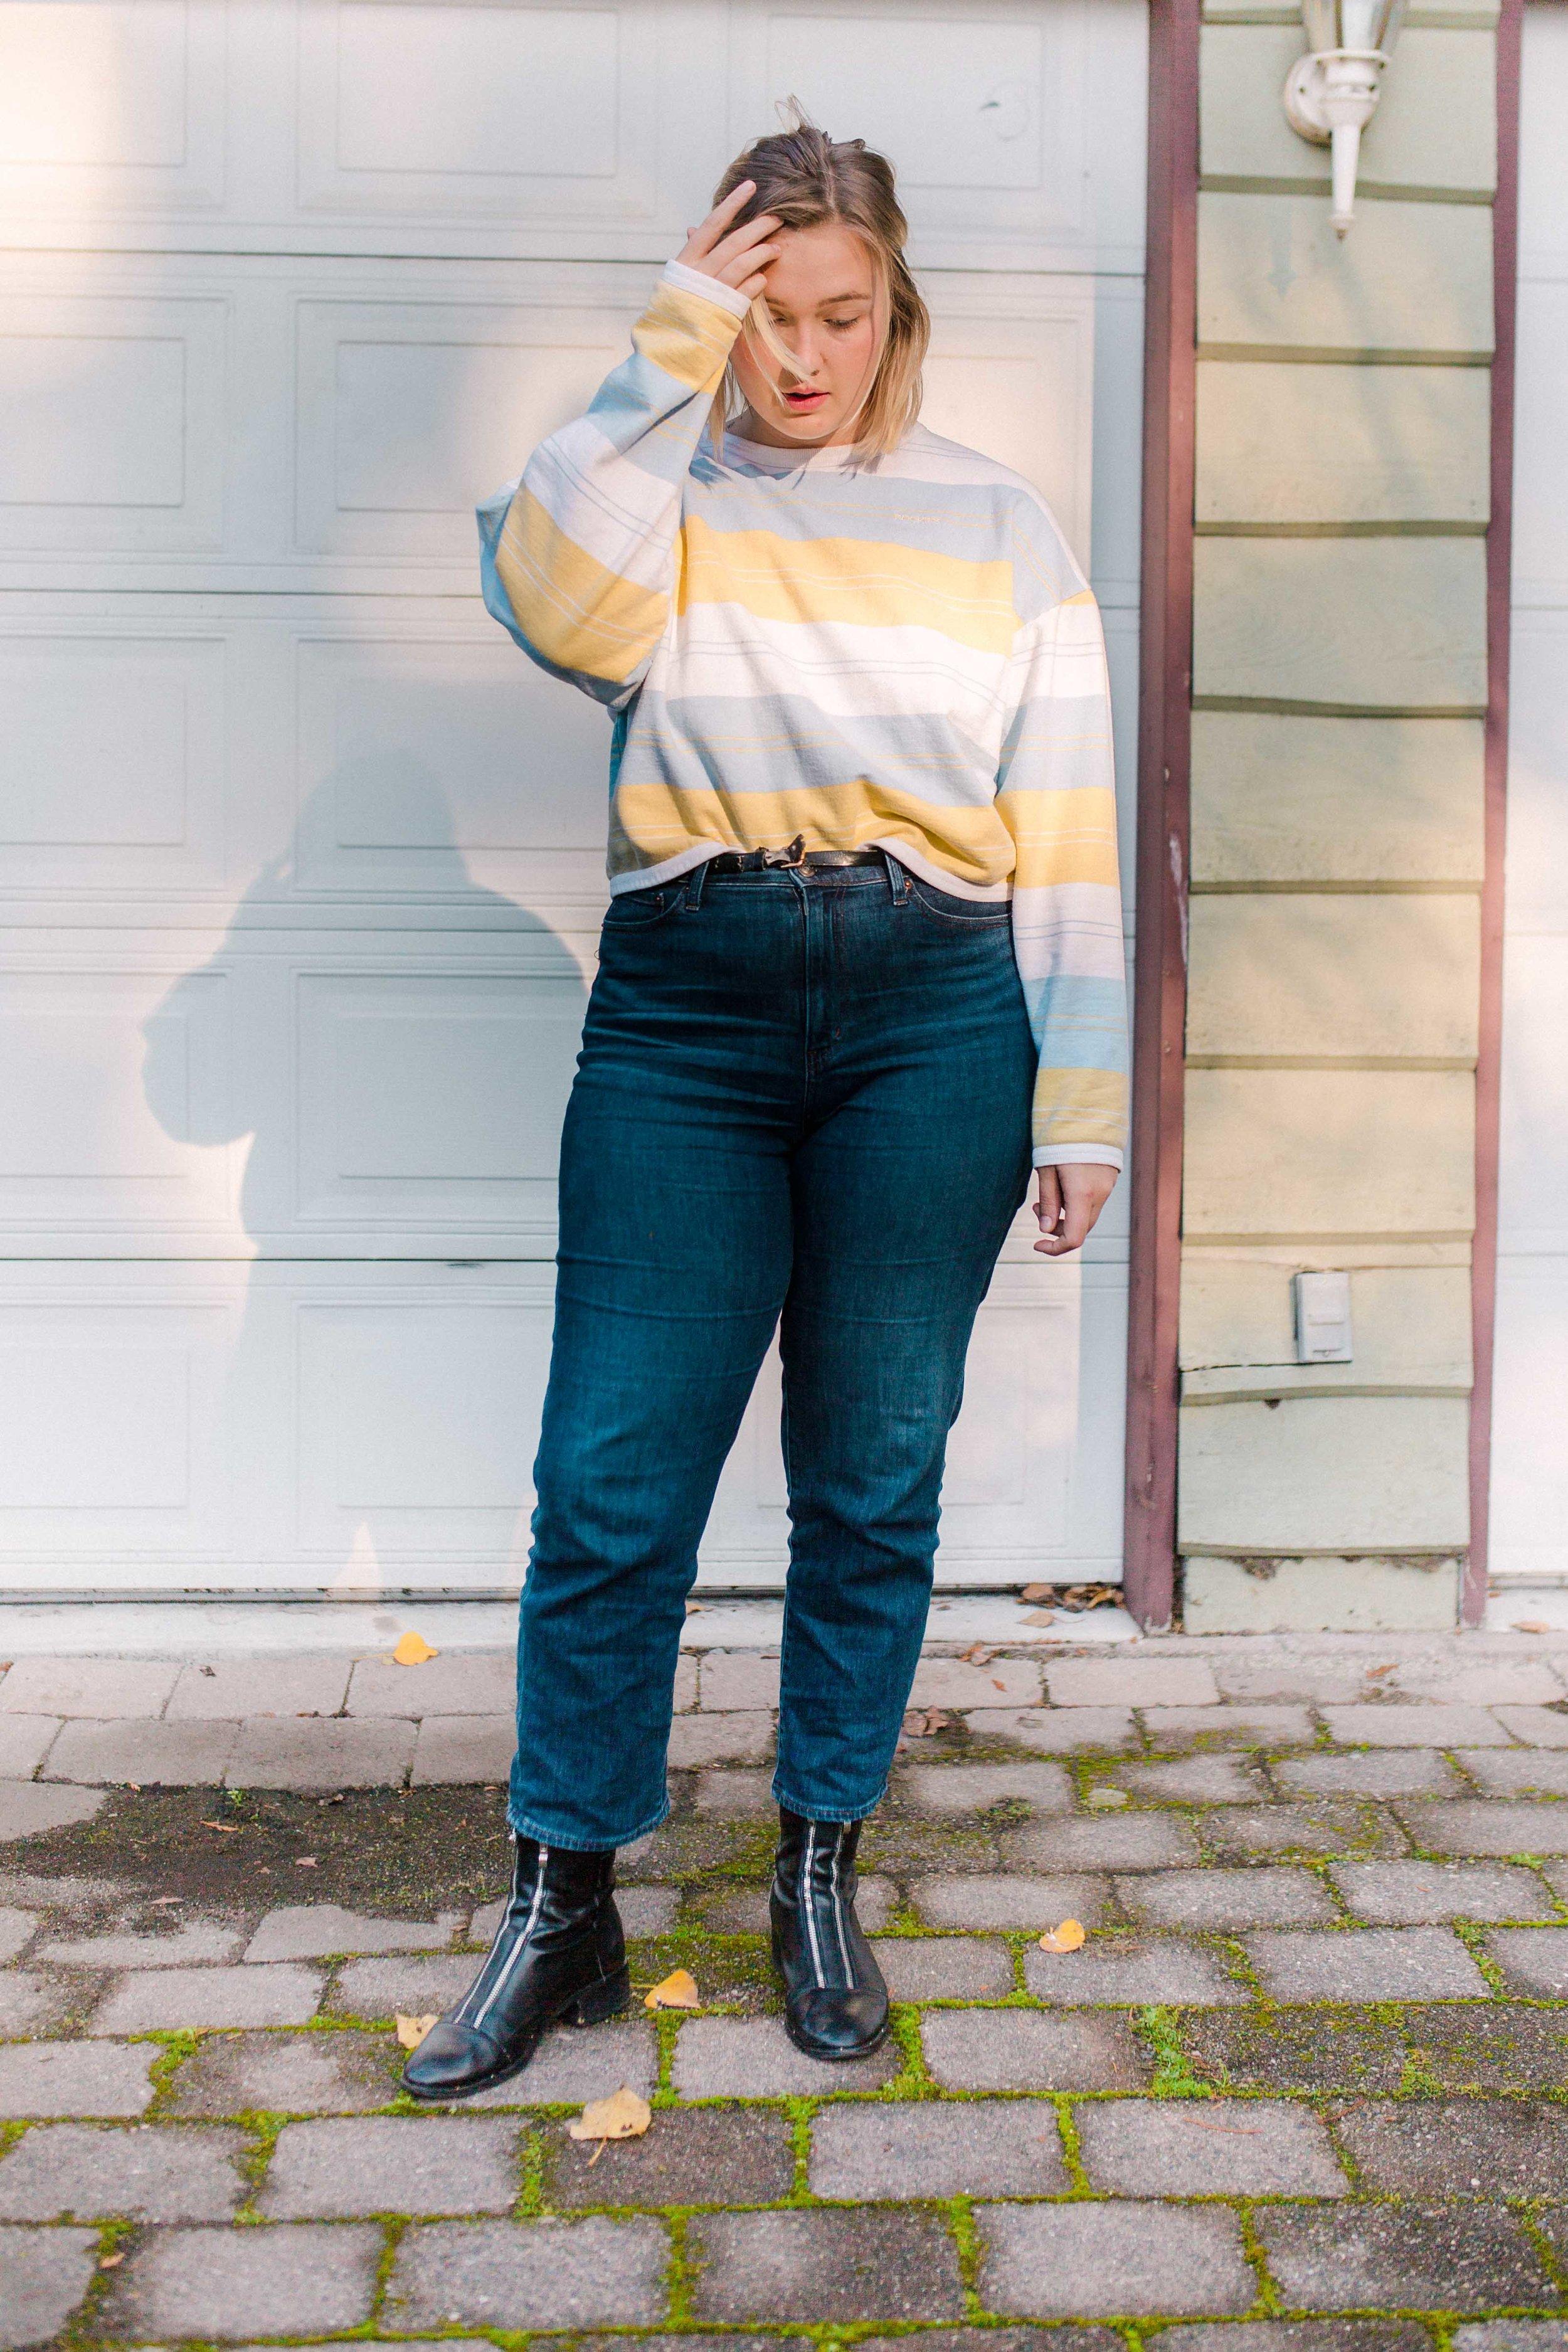 new-in-knitwear-bonjour-coley-12.jpg